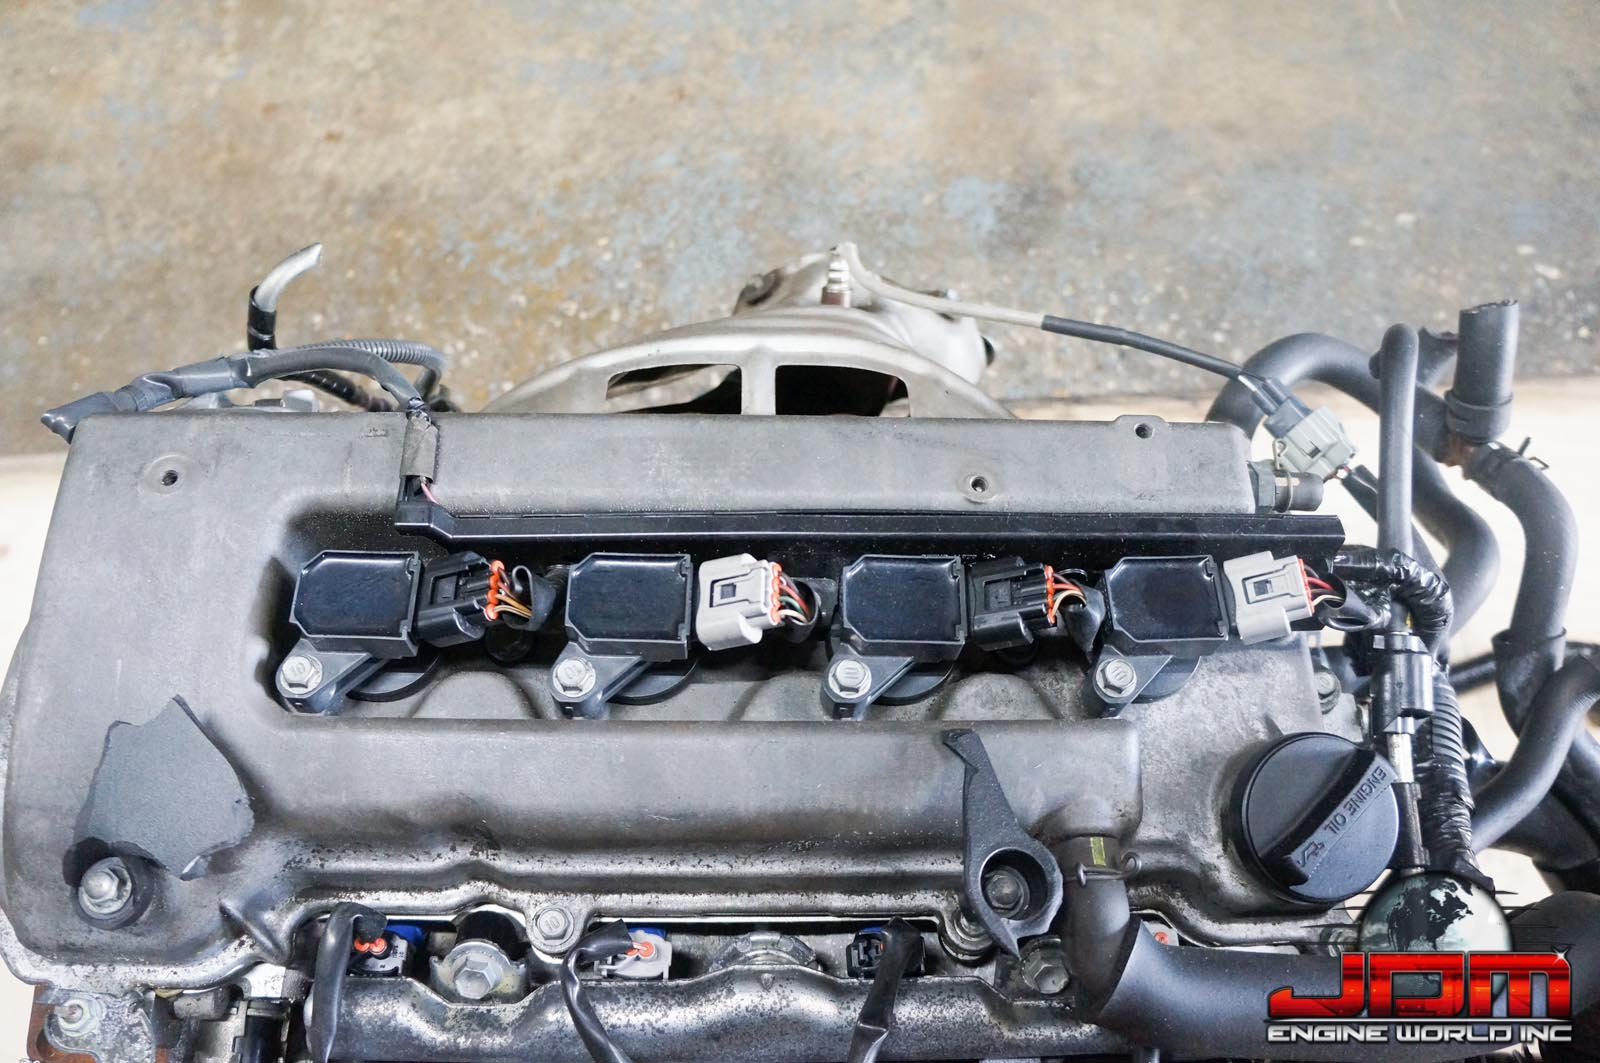 00-05 TOYOTA COROLLA CE LE S VE 1ZZ-FE ENGINE 1.8L VVTi JDM 1ZZ